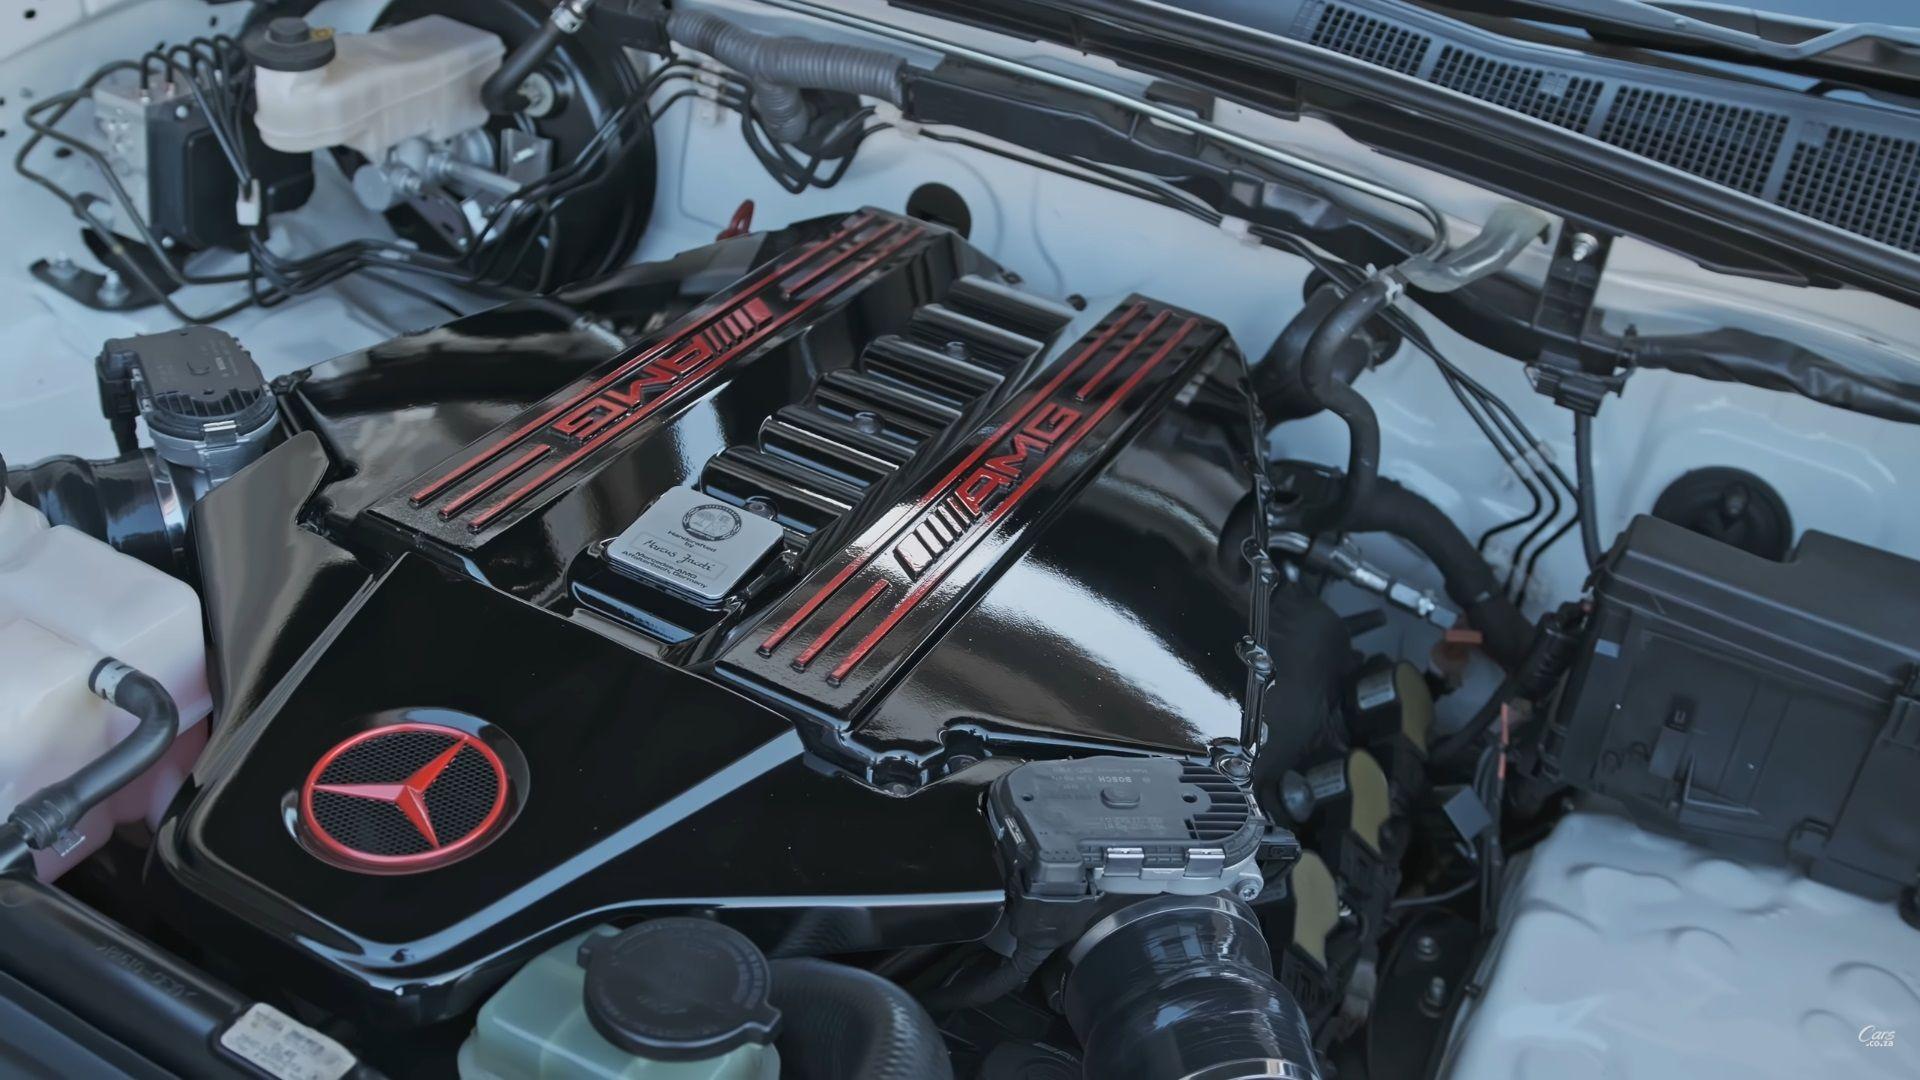 toyota hilux com motor v8 amg cofre do motor